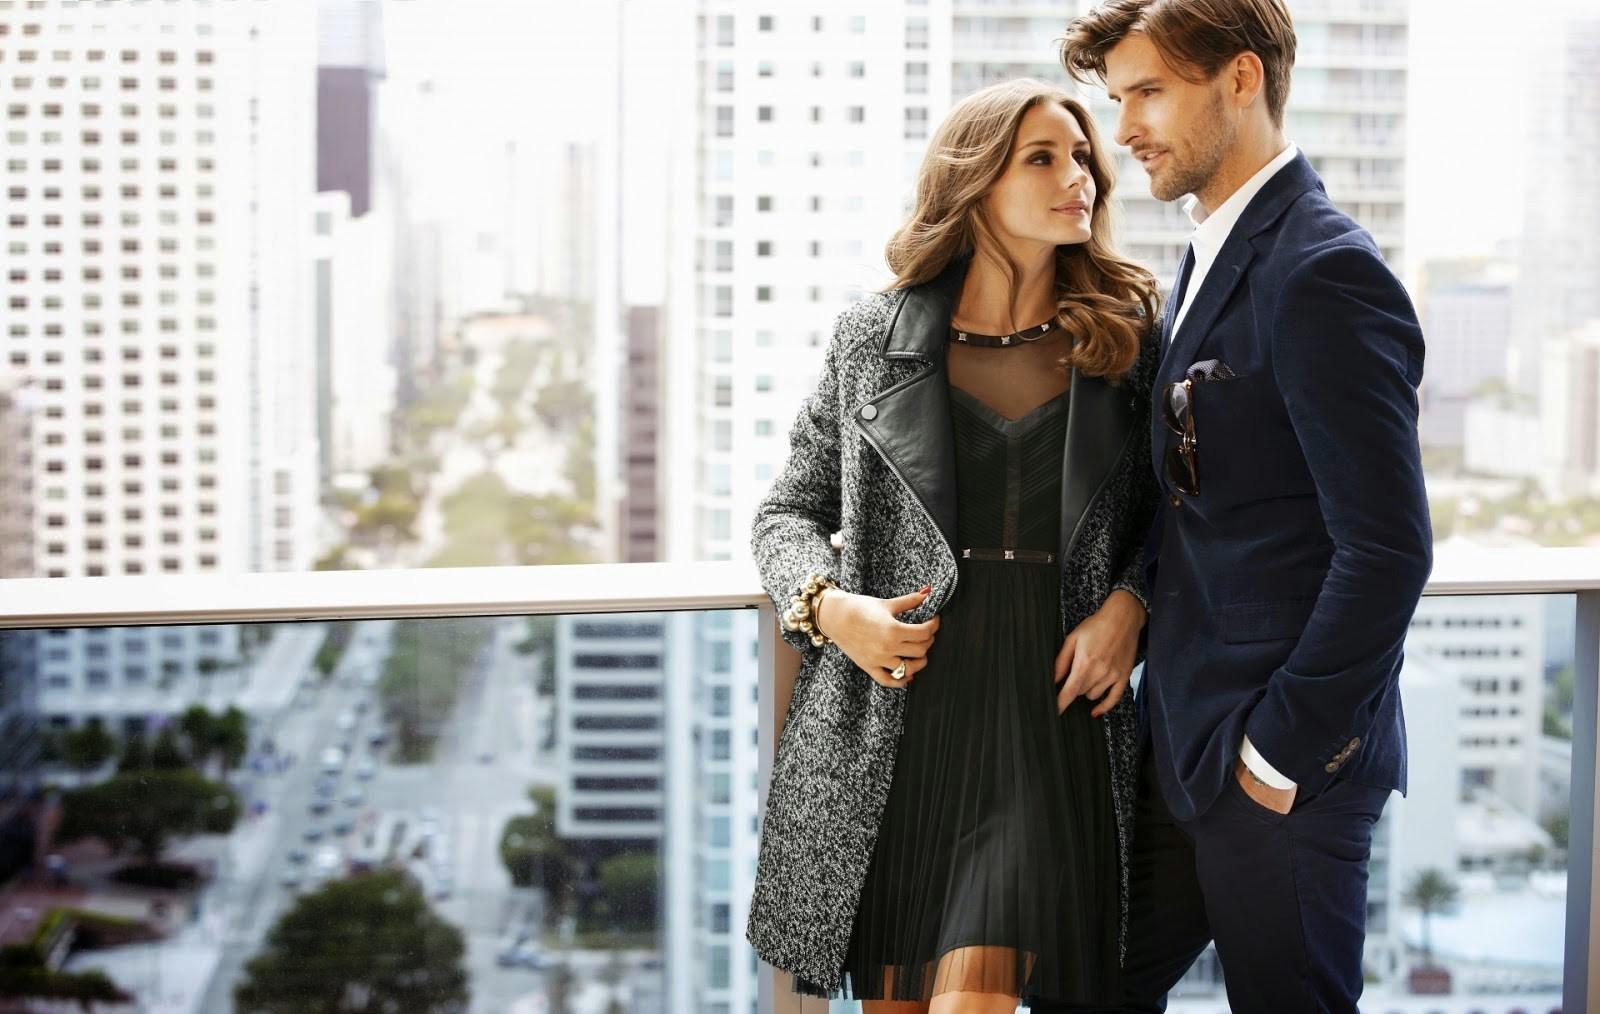 Мужчины с женщиной, любовь прикольные картинки